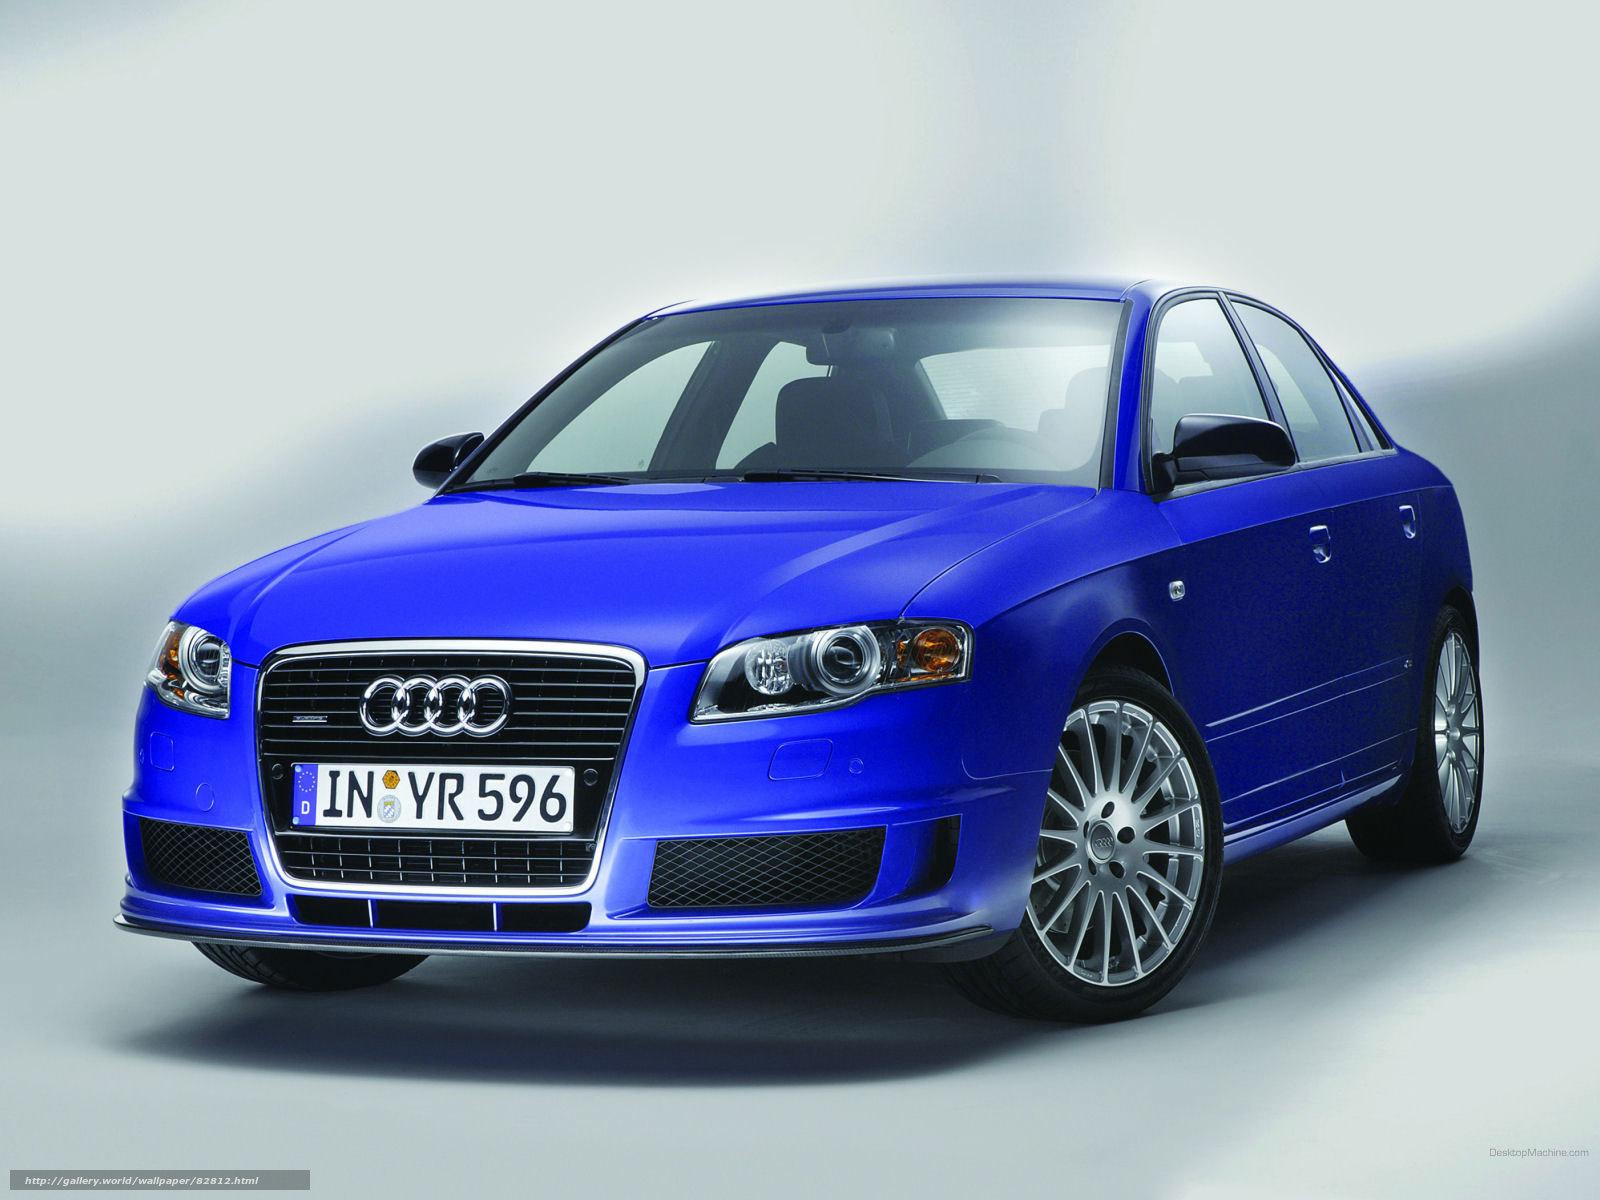 Different Blue Auto Paint Colors